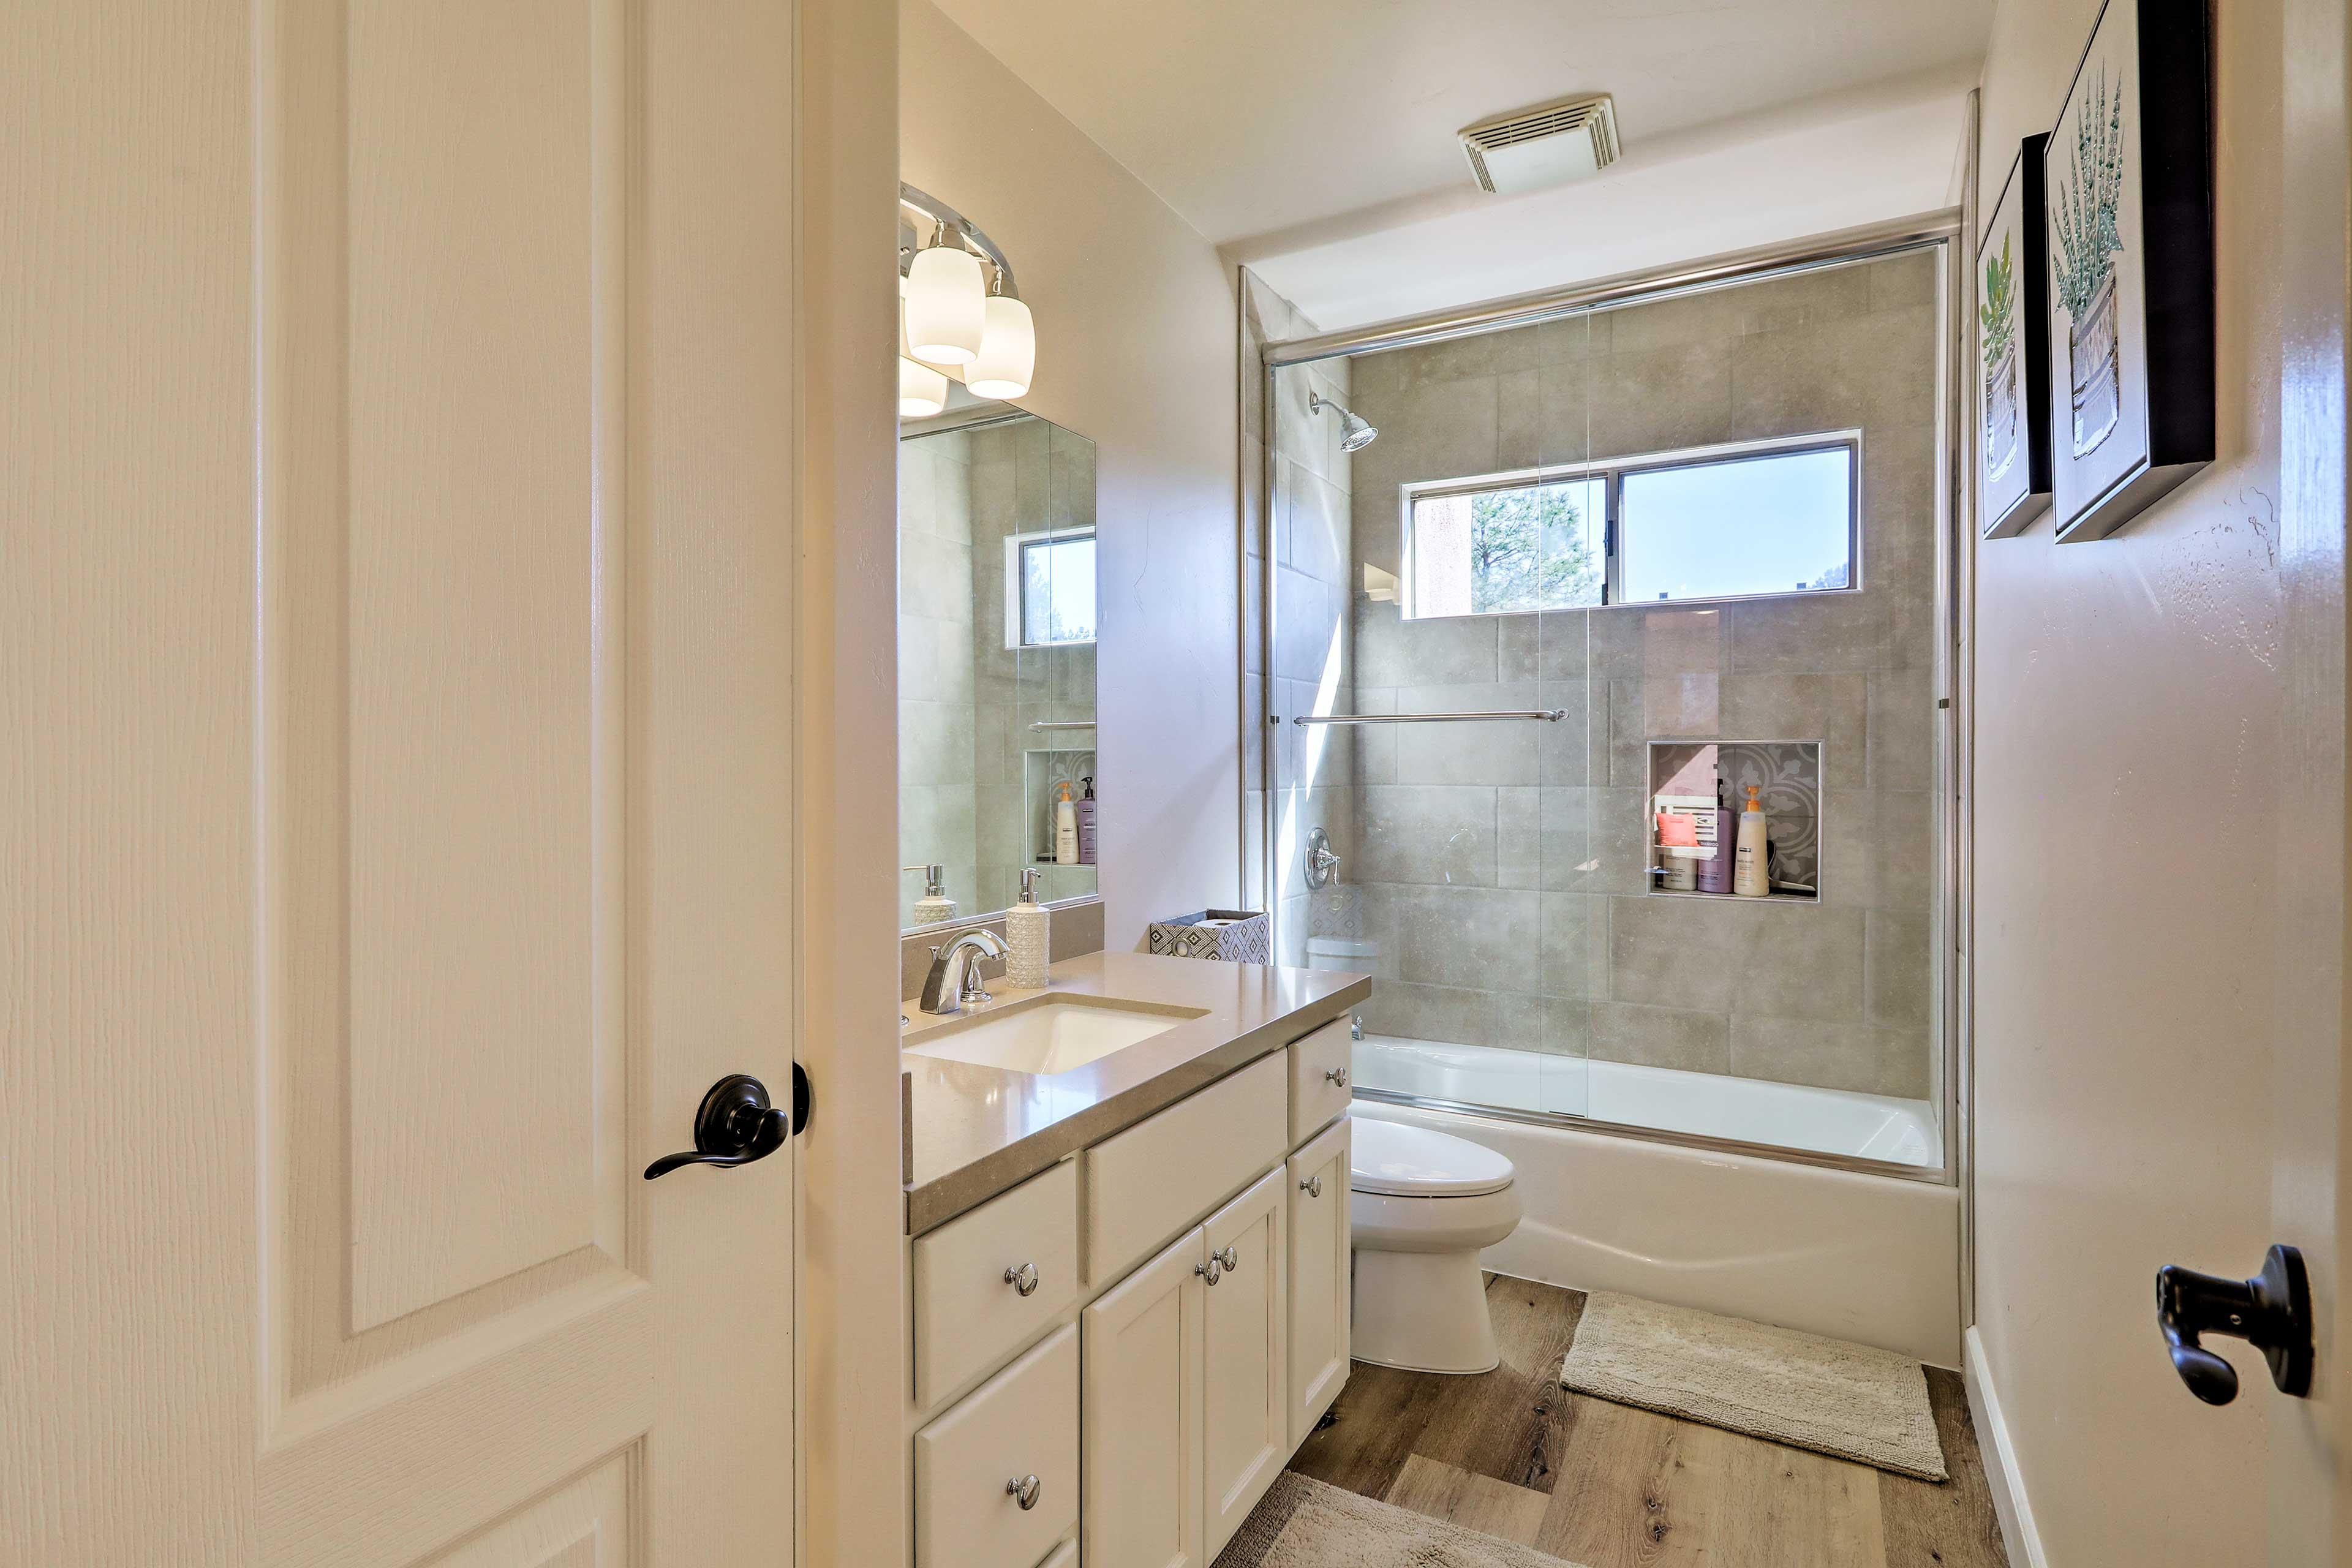 Natural light illuminates this pristine bathroom.